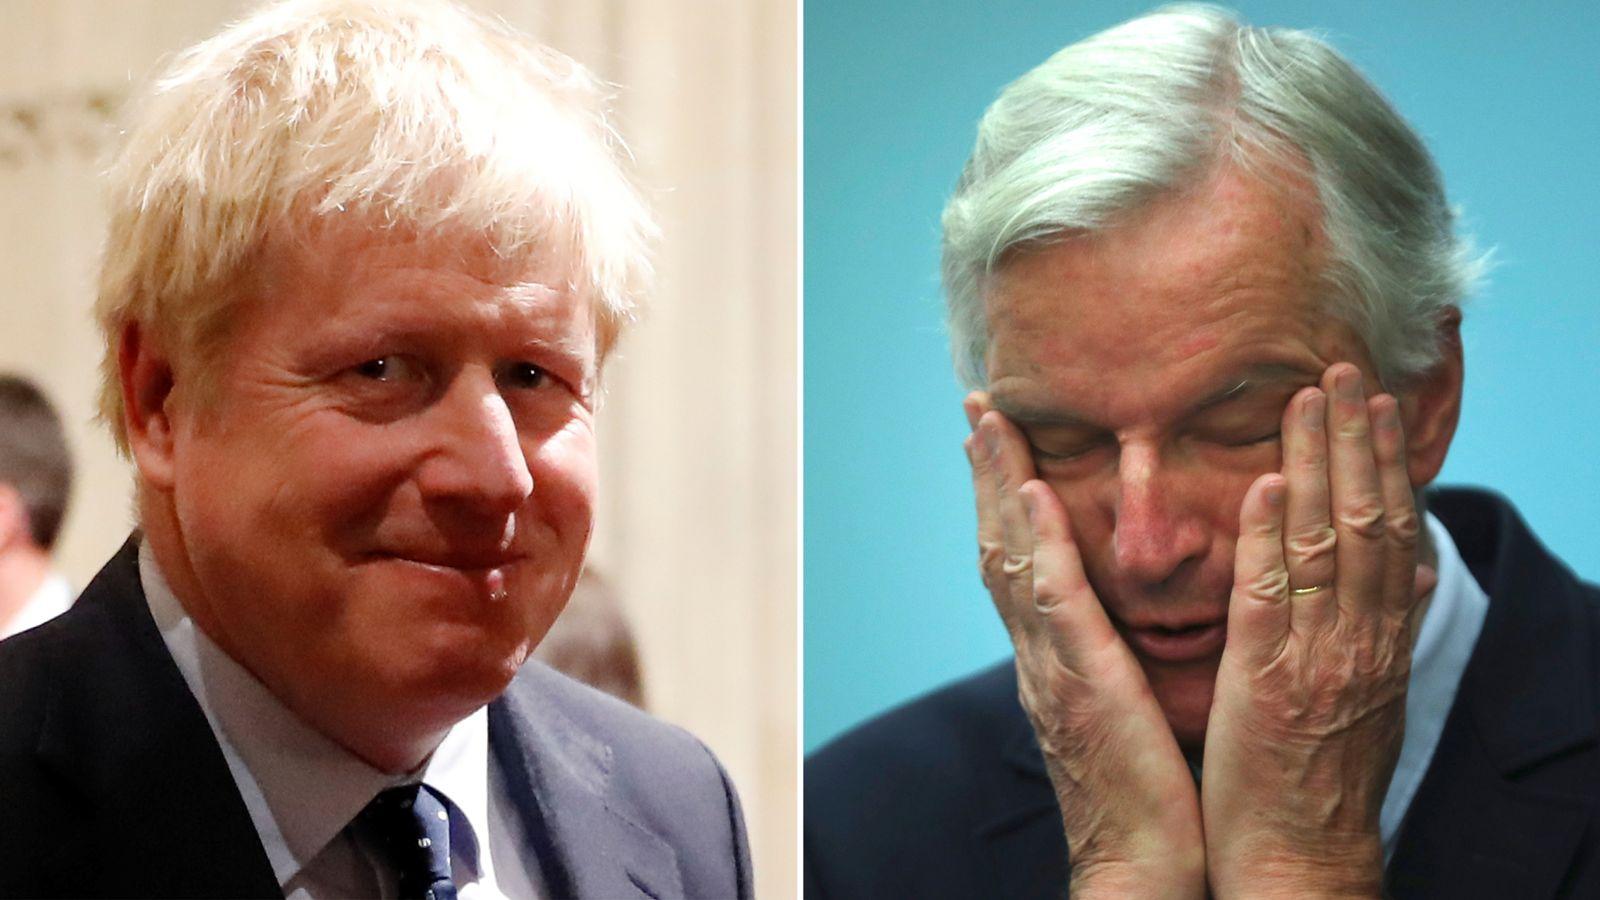 PM's pledge to get Brexit deal done 'unrealistic' - EU lead negotiatior